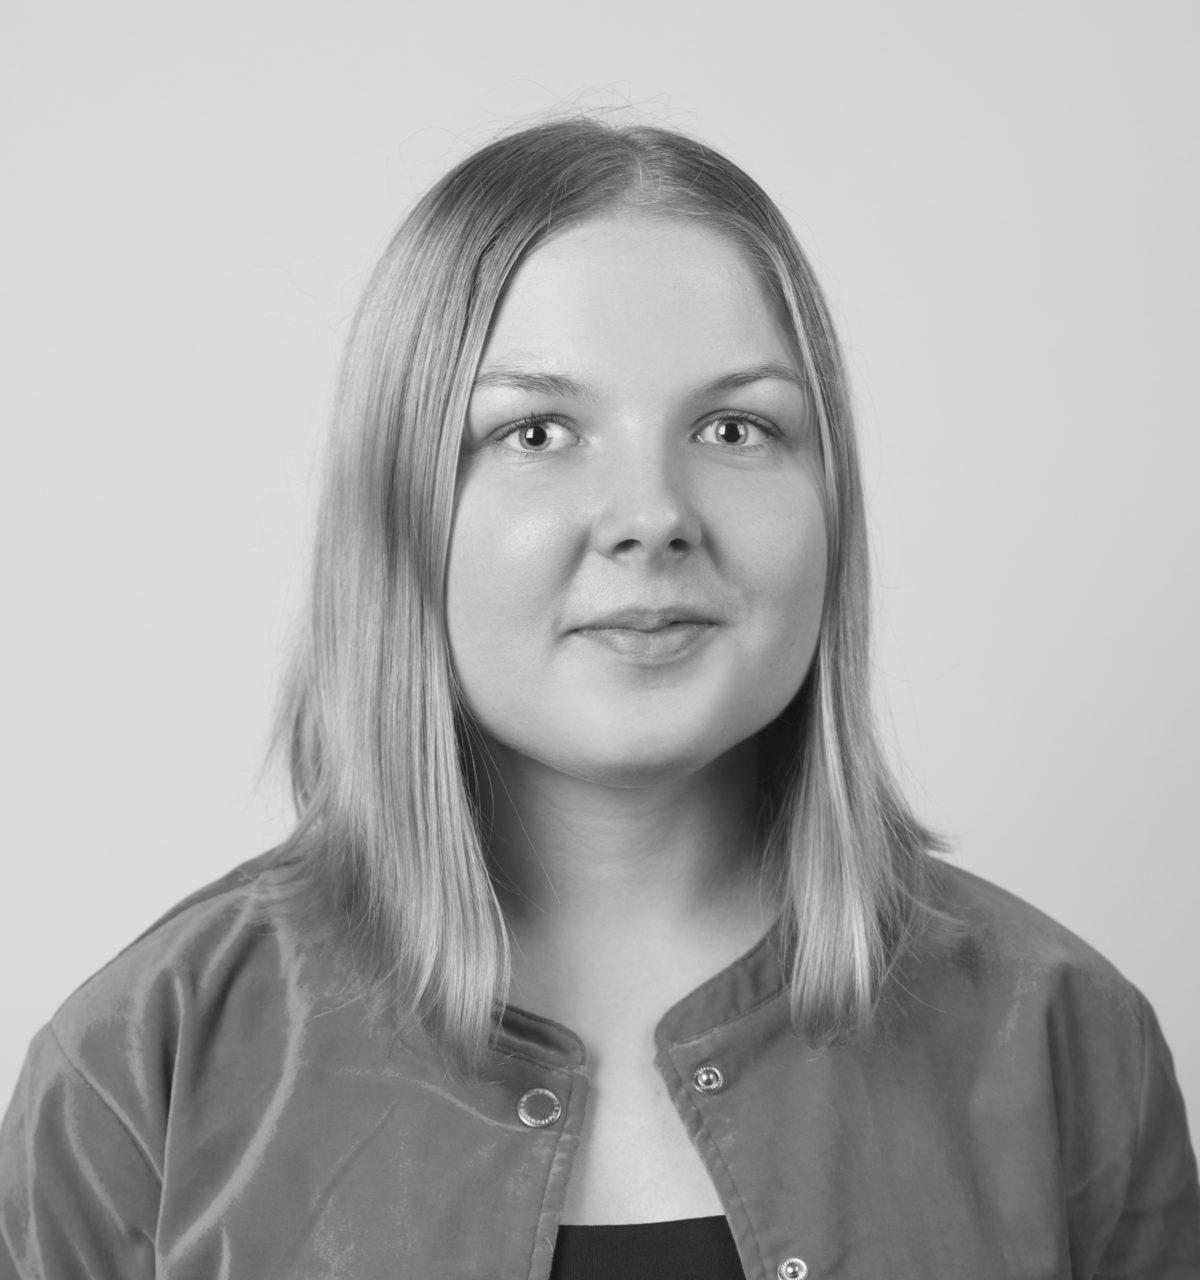 UPPSATS: Hur kan och bör en svensk MR-institution organiseras?